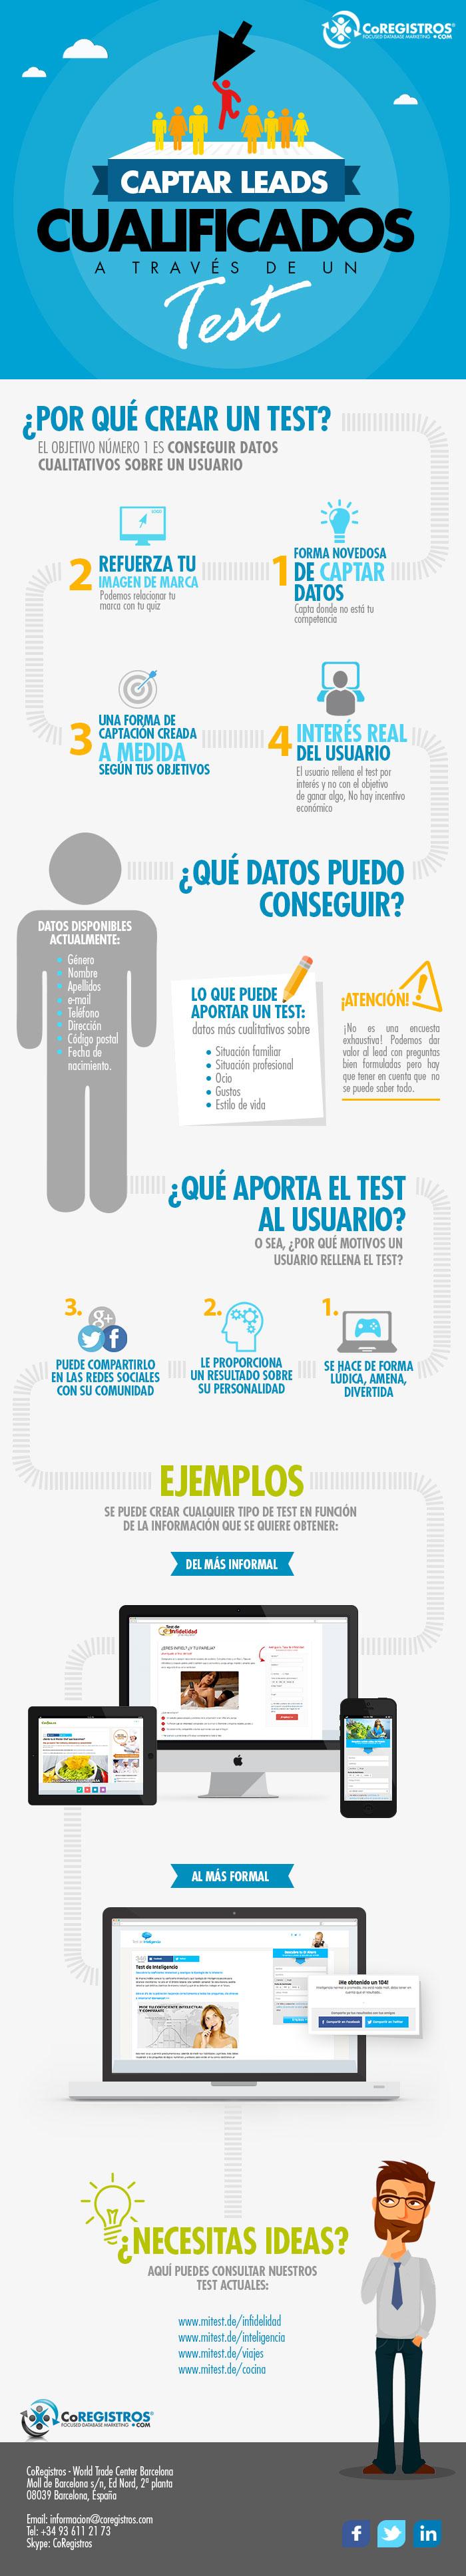 Captar leads cualificados a través de un Test